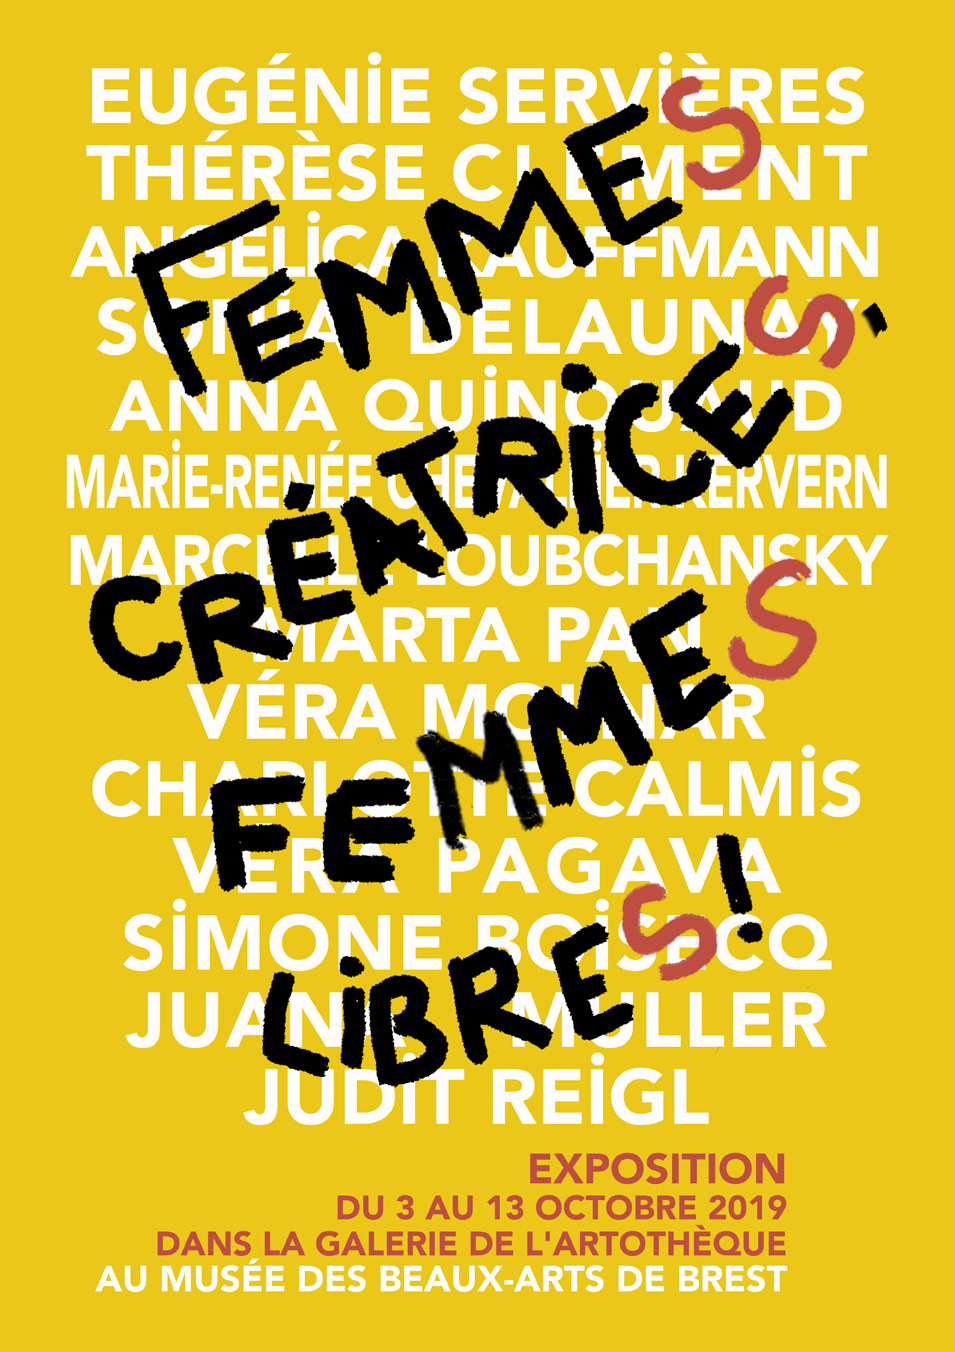 """Affiche de l'exposition """"Femmes créatrices, femmes libres !"""" à l'artothèque du musée des Beaux-Arts à Brest"""